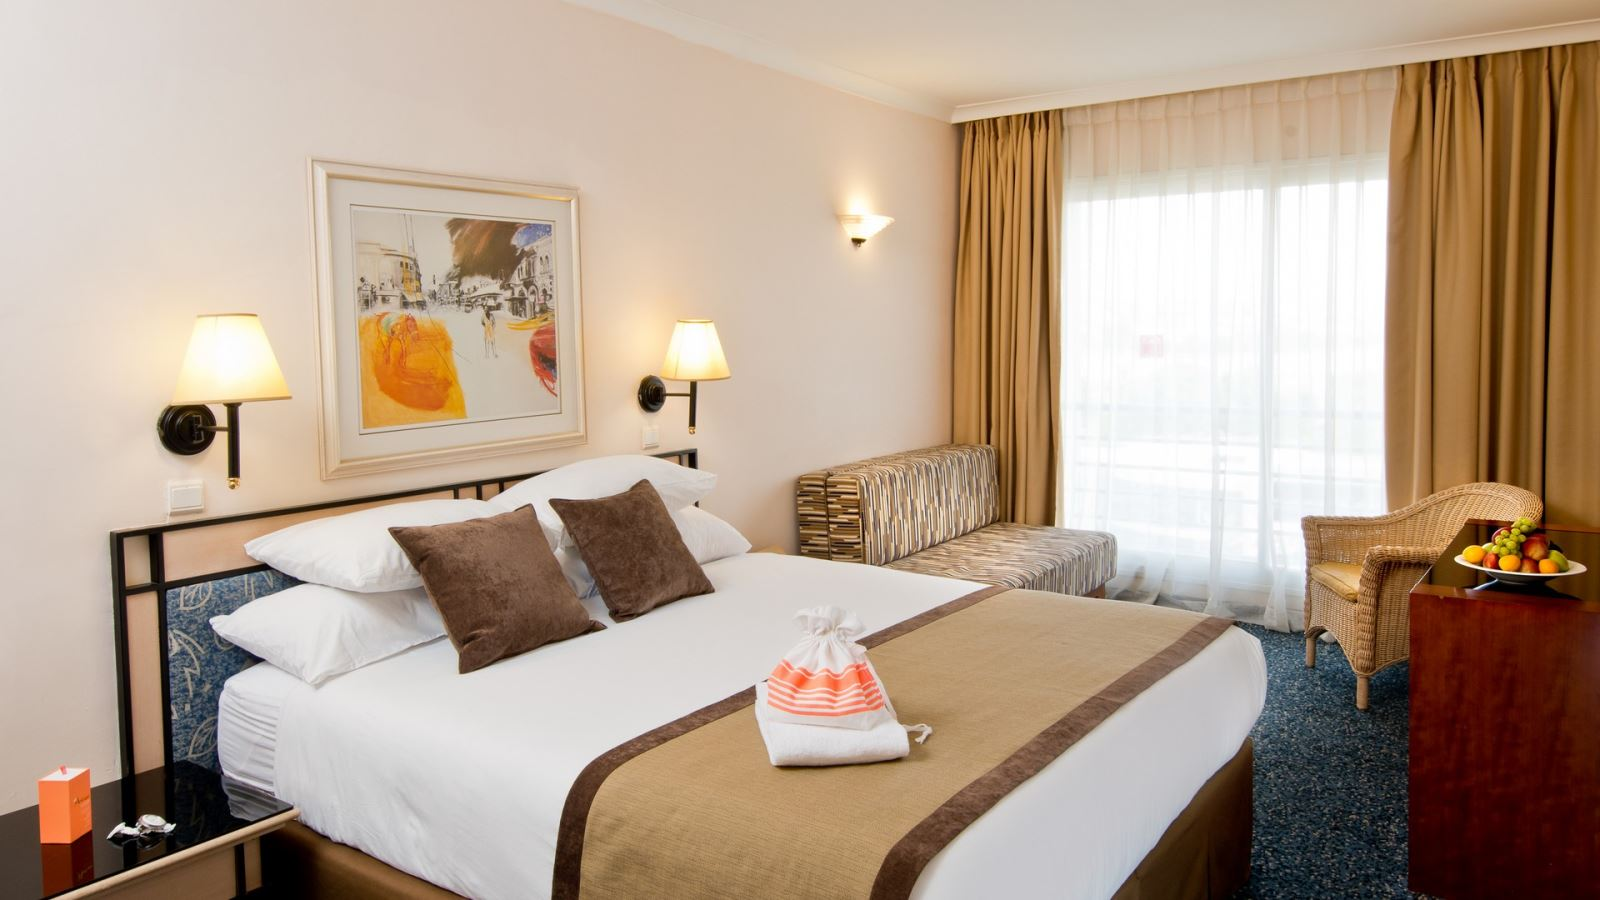 מזמינים חופשה במלון לאונרדו פלאזה אילת ונהנים מ-30% הנחה וממיקום מושלם על שפת הים!